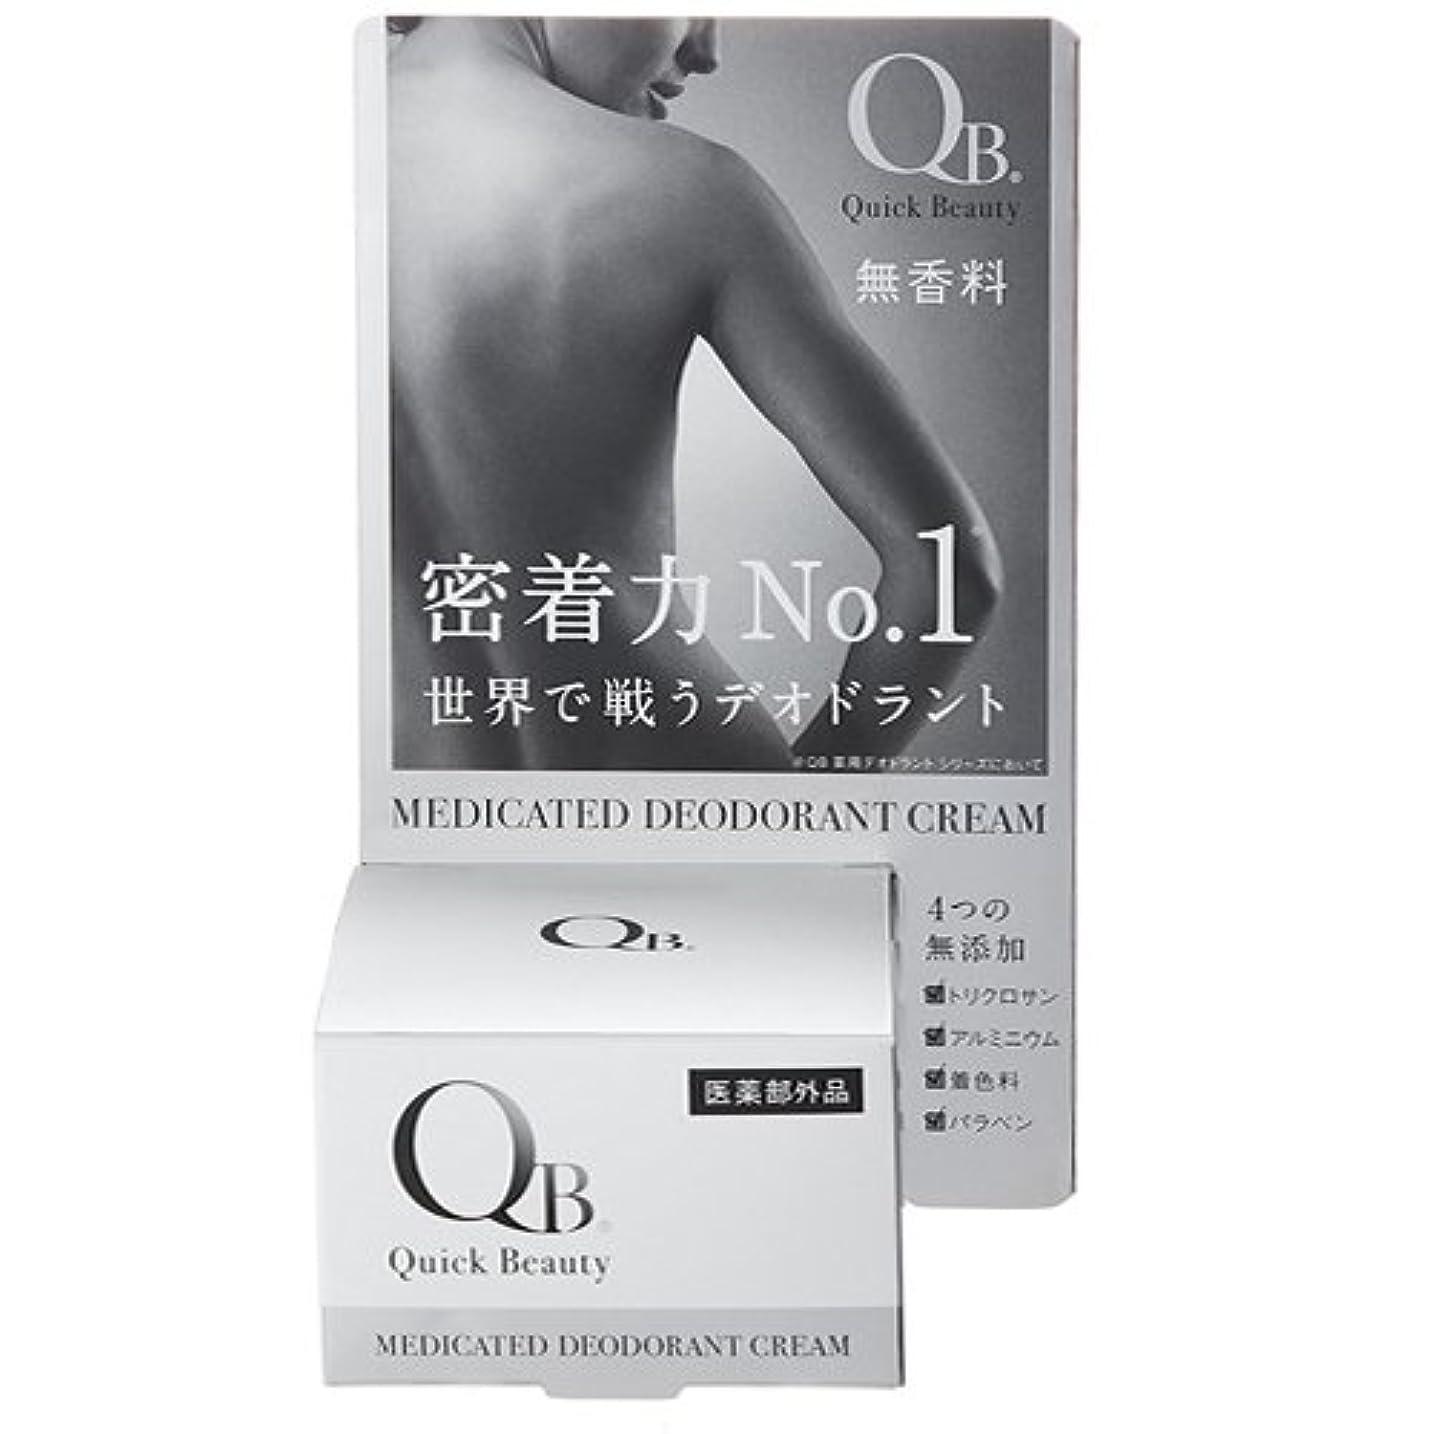 一過性ワイド料理3個セット まとめ買い QB 薬用デオドラントクリーム W 30g 医薬部外品